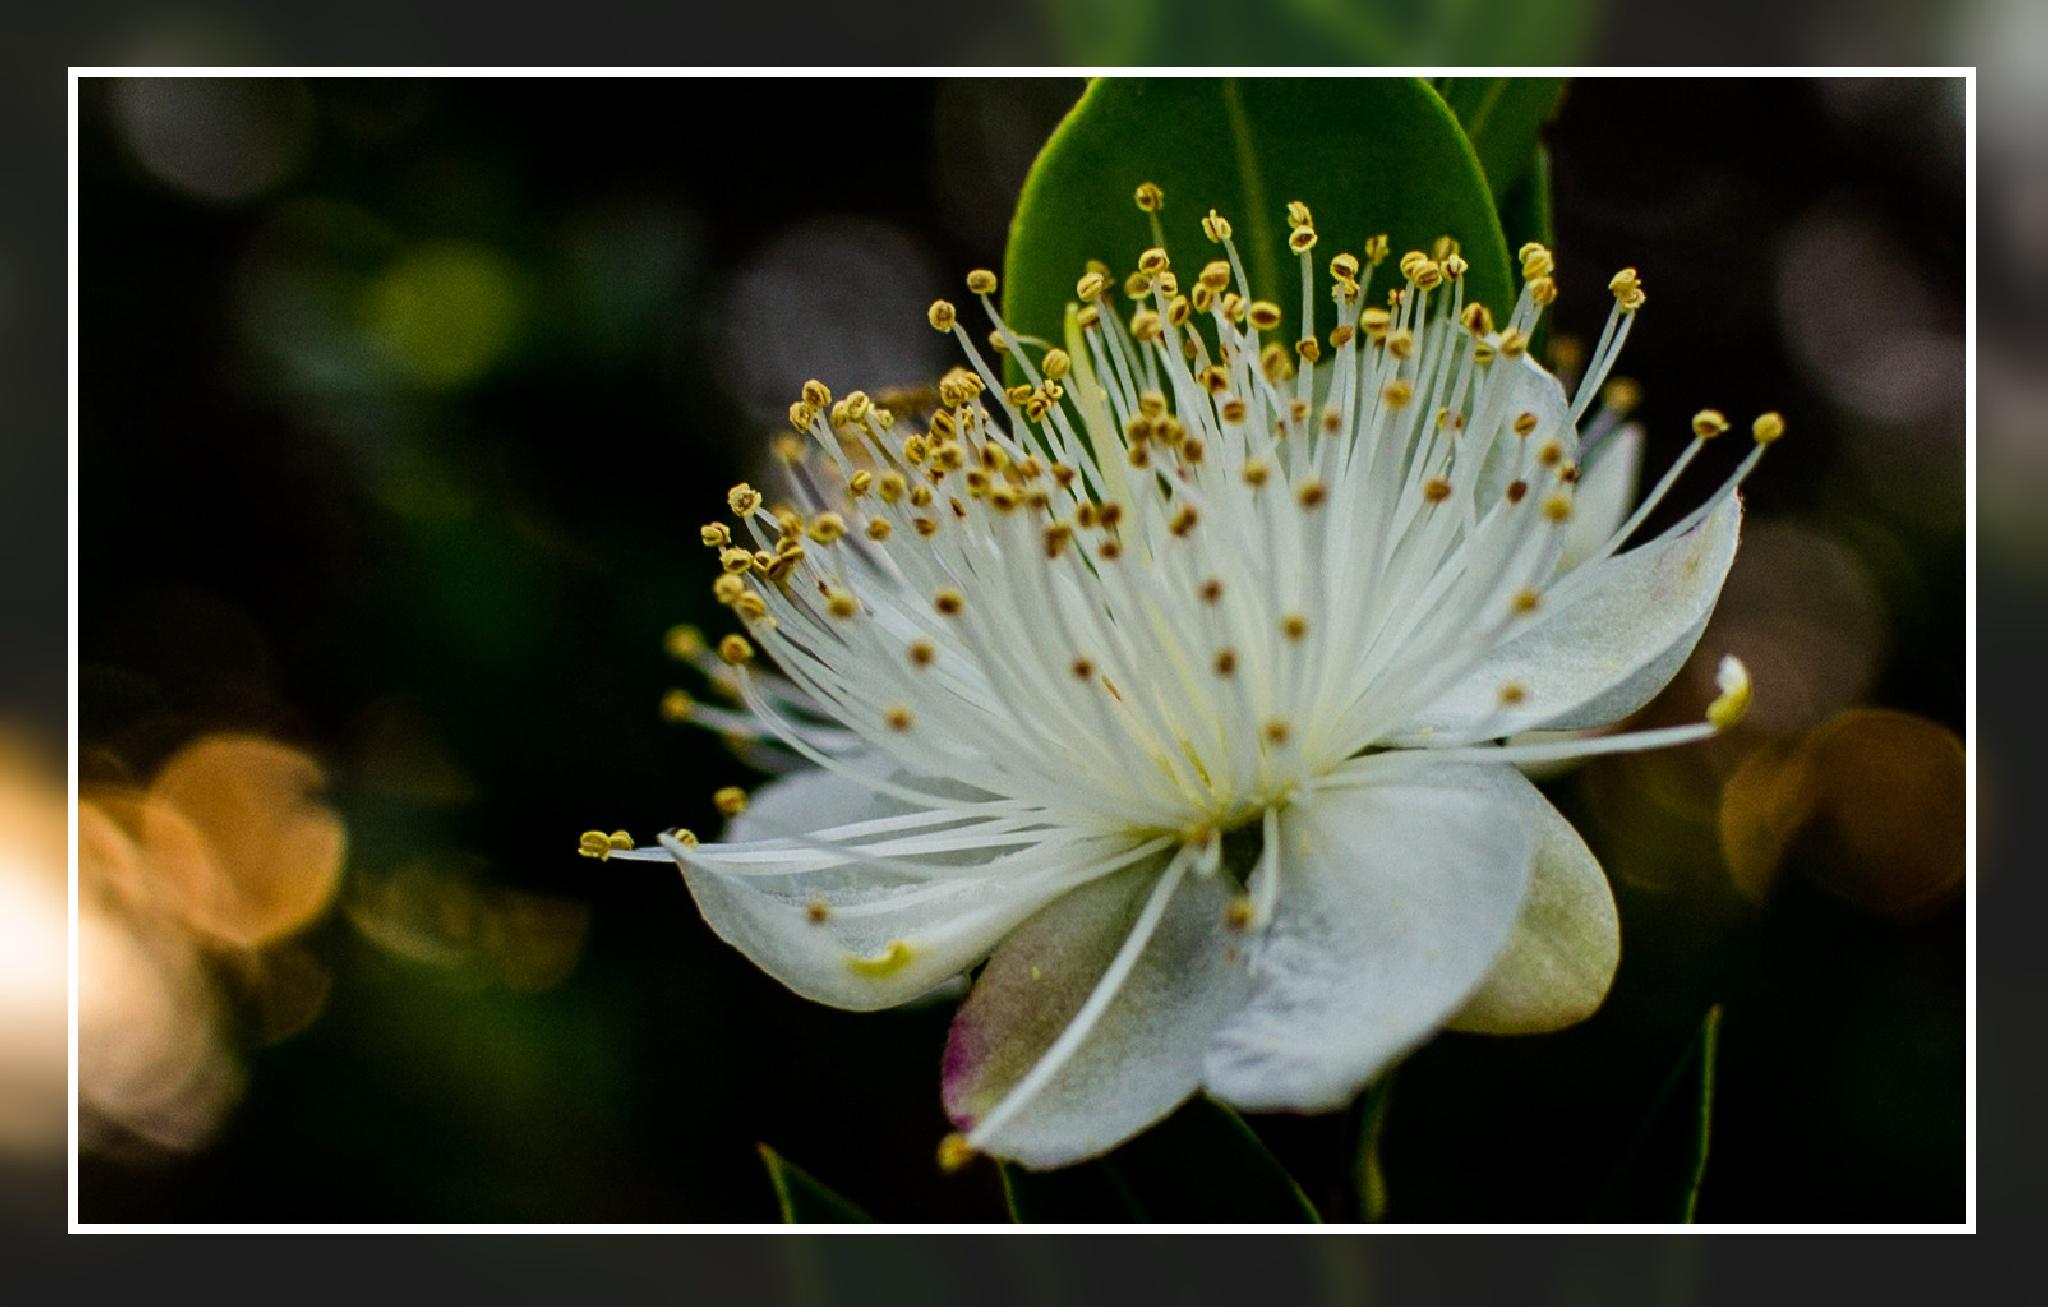 Fiore del Corbezzolo by corvonero